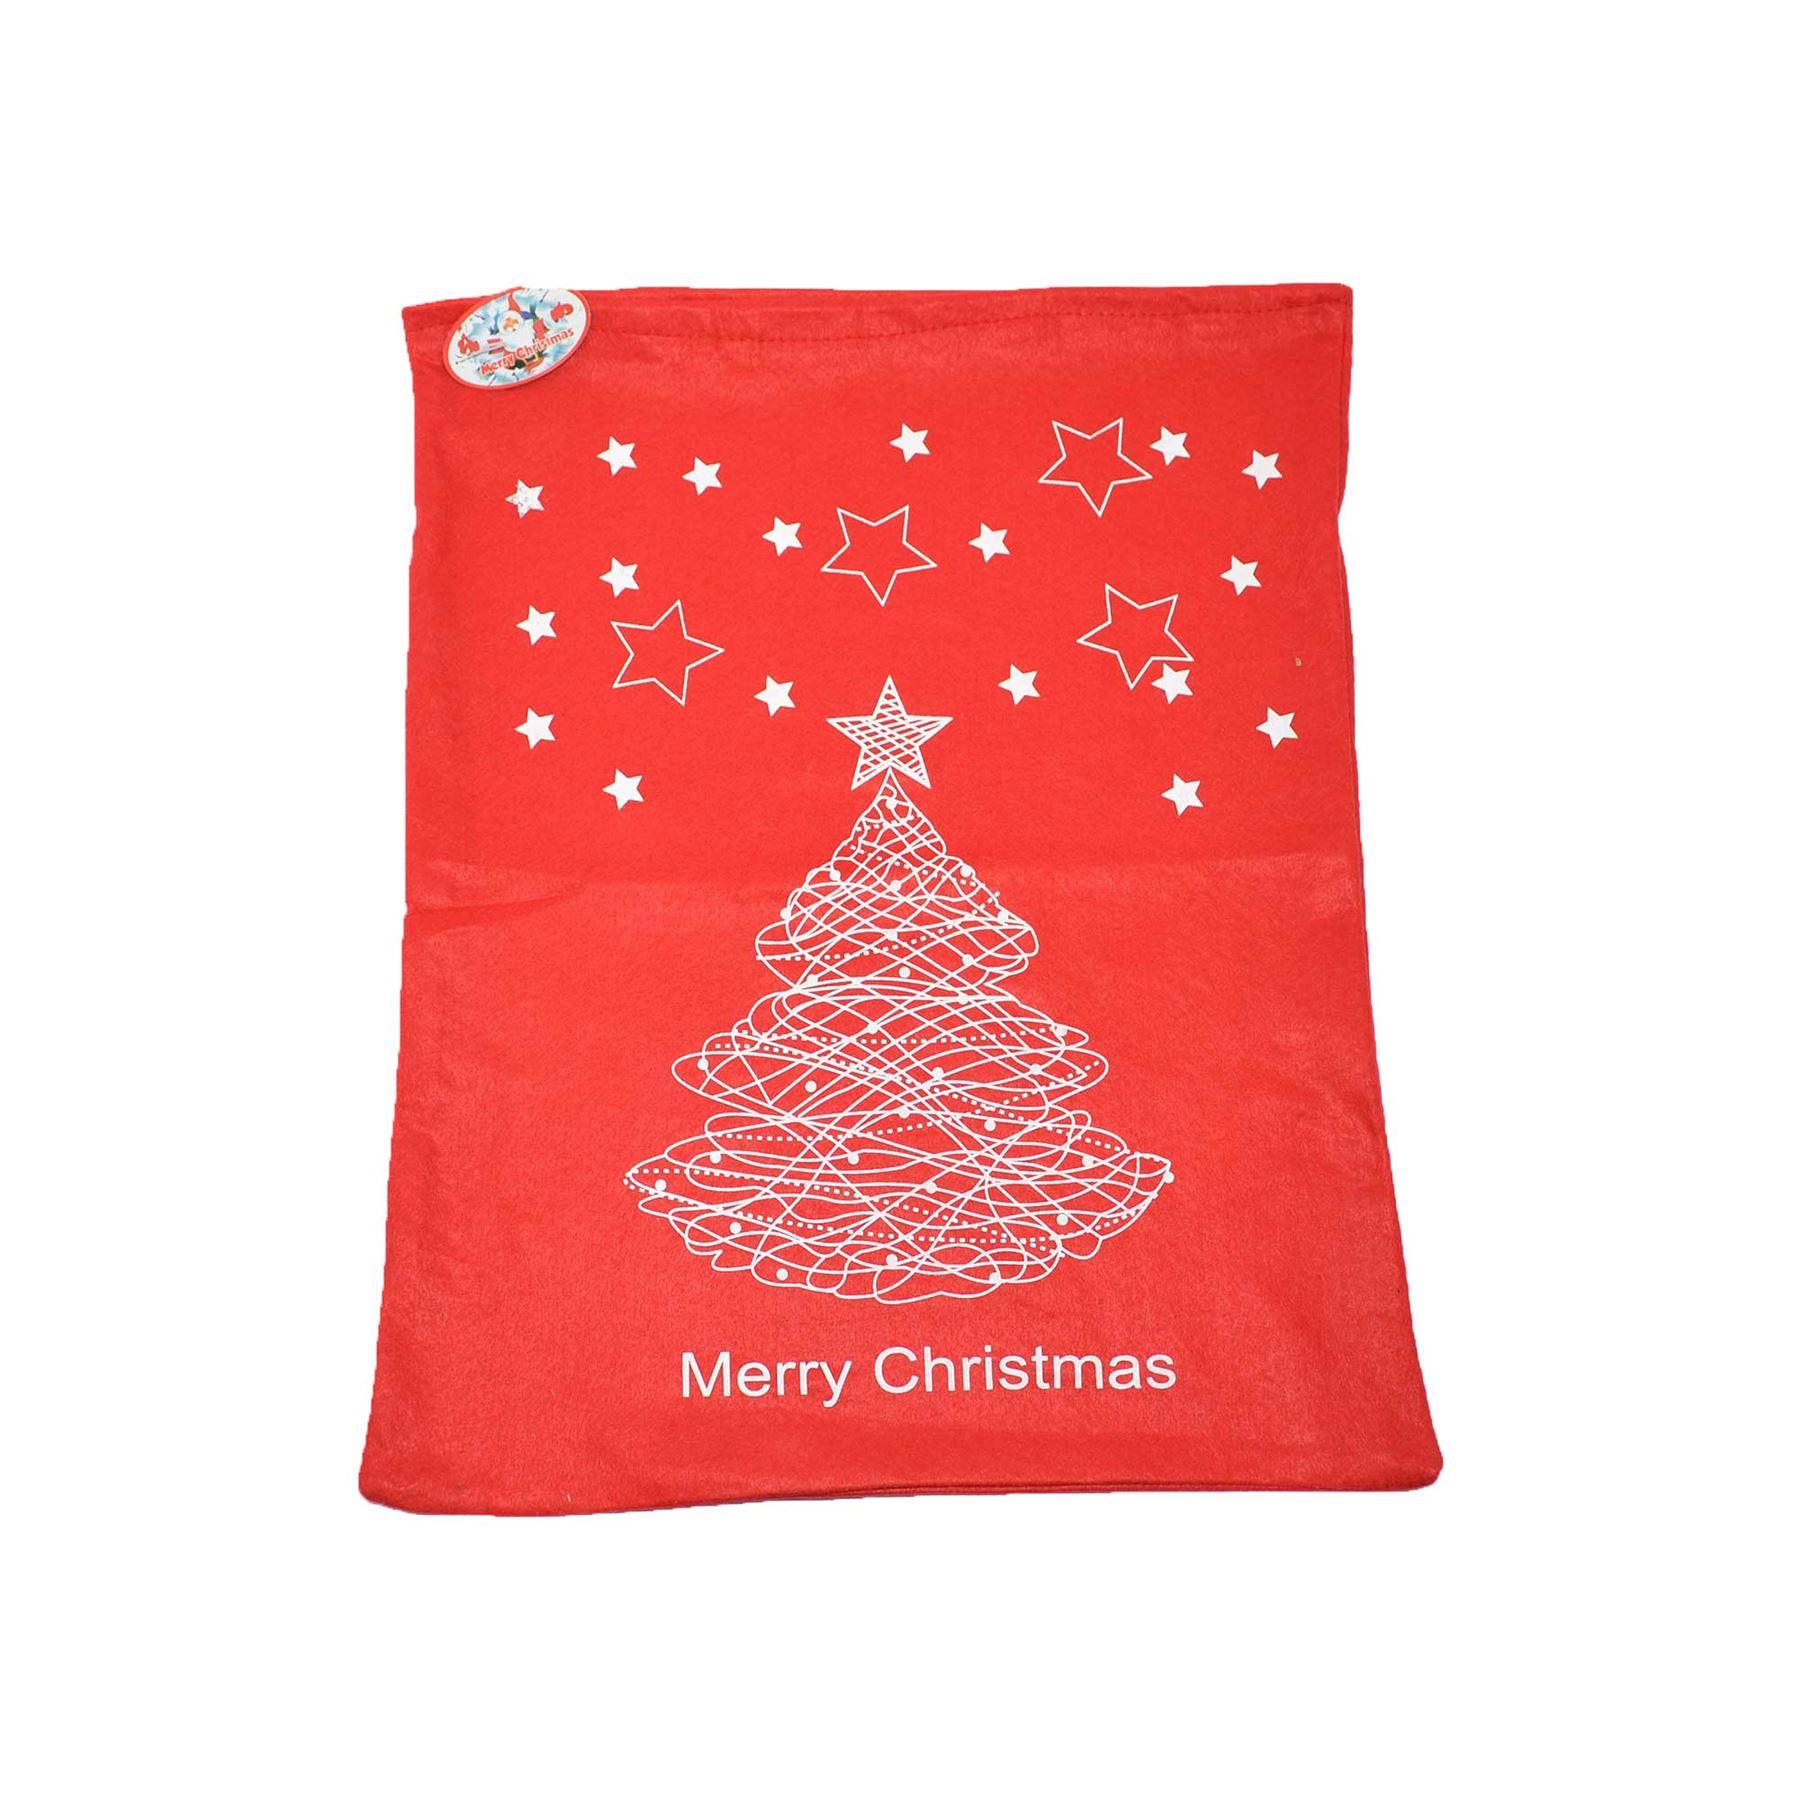 Feltro-Rosso-Buon-Natale-Babbo-Natale-Sacco-Grande-Calza-Natale-Regali-Regalo-Borse miniatura 13